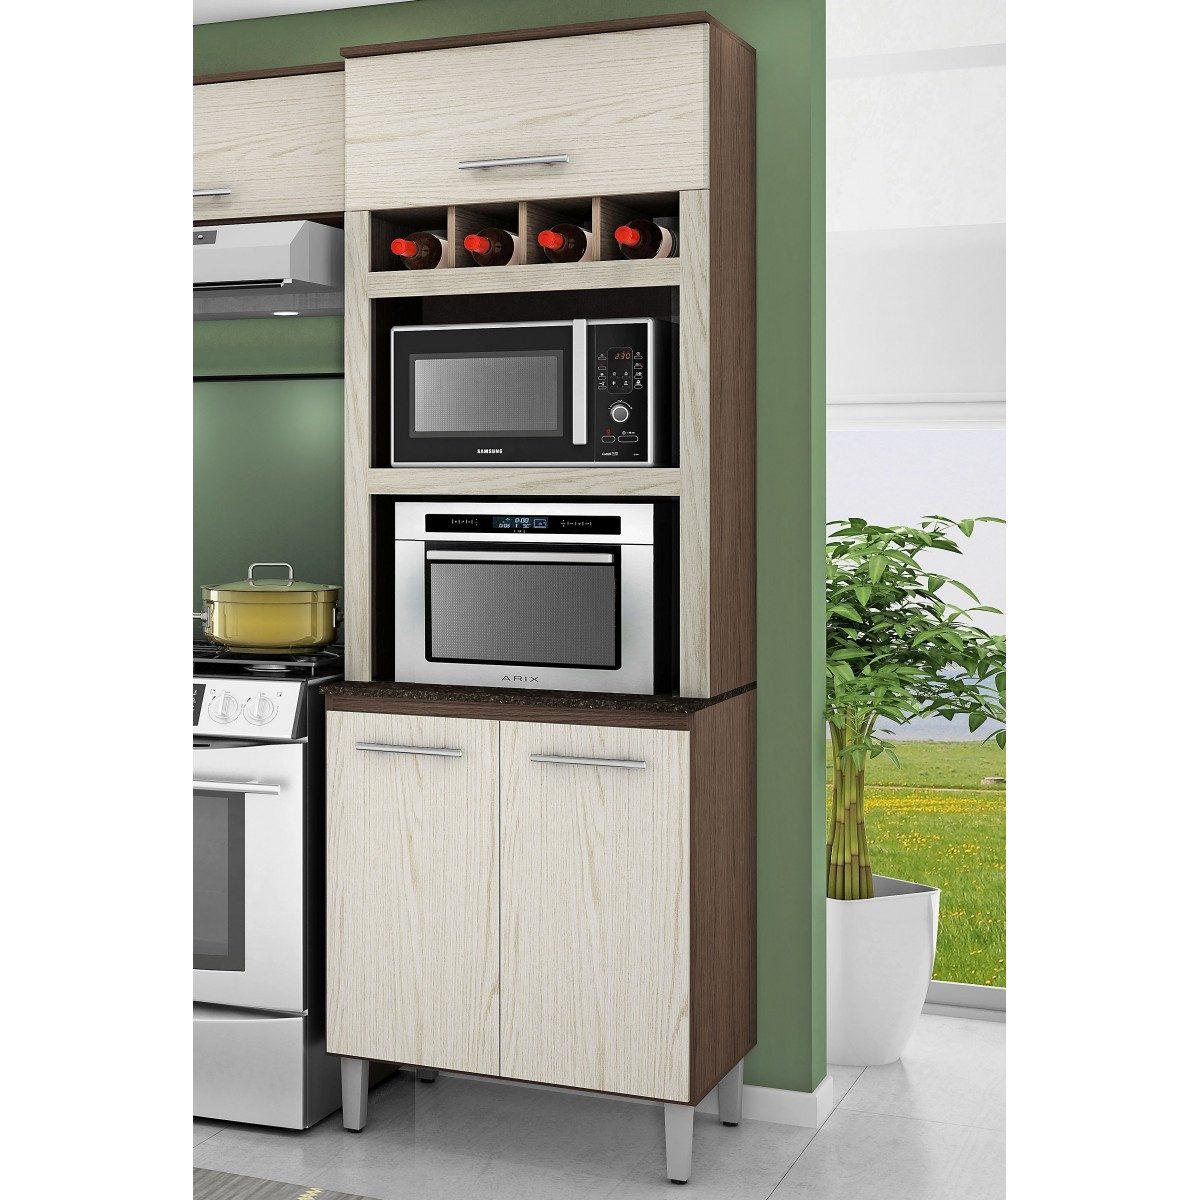 100% Mdf Cozinha Modulado Torre Quente Armário Basculante R$ 2.099  #978A34 1200x1200 Armario Banheiro Modulado